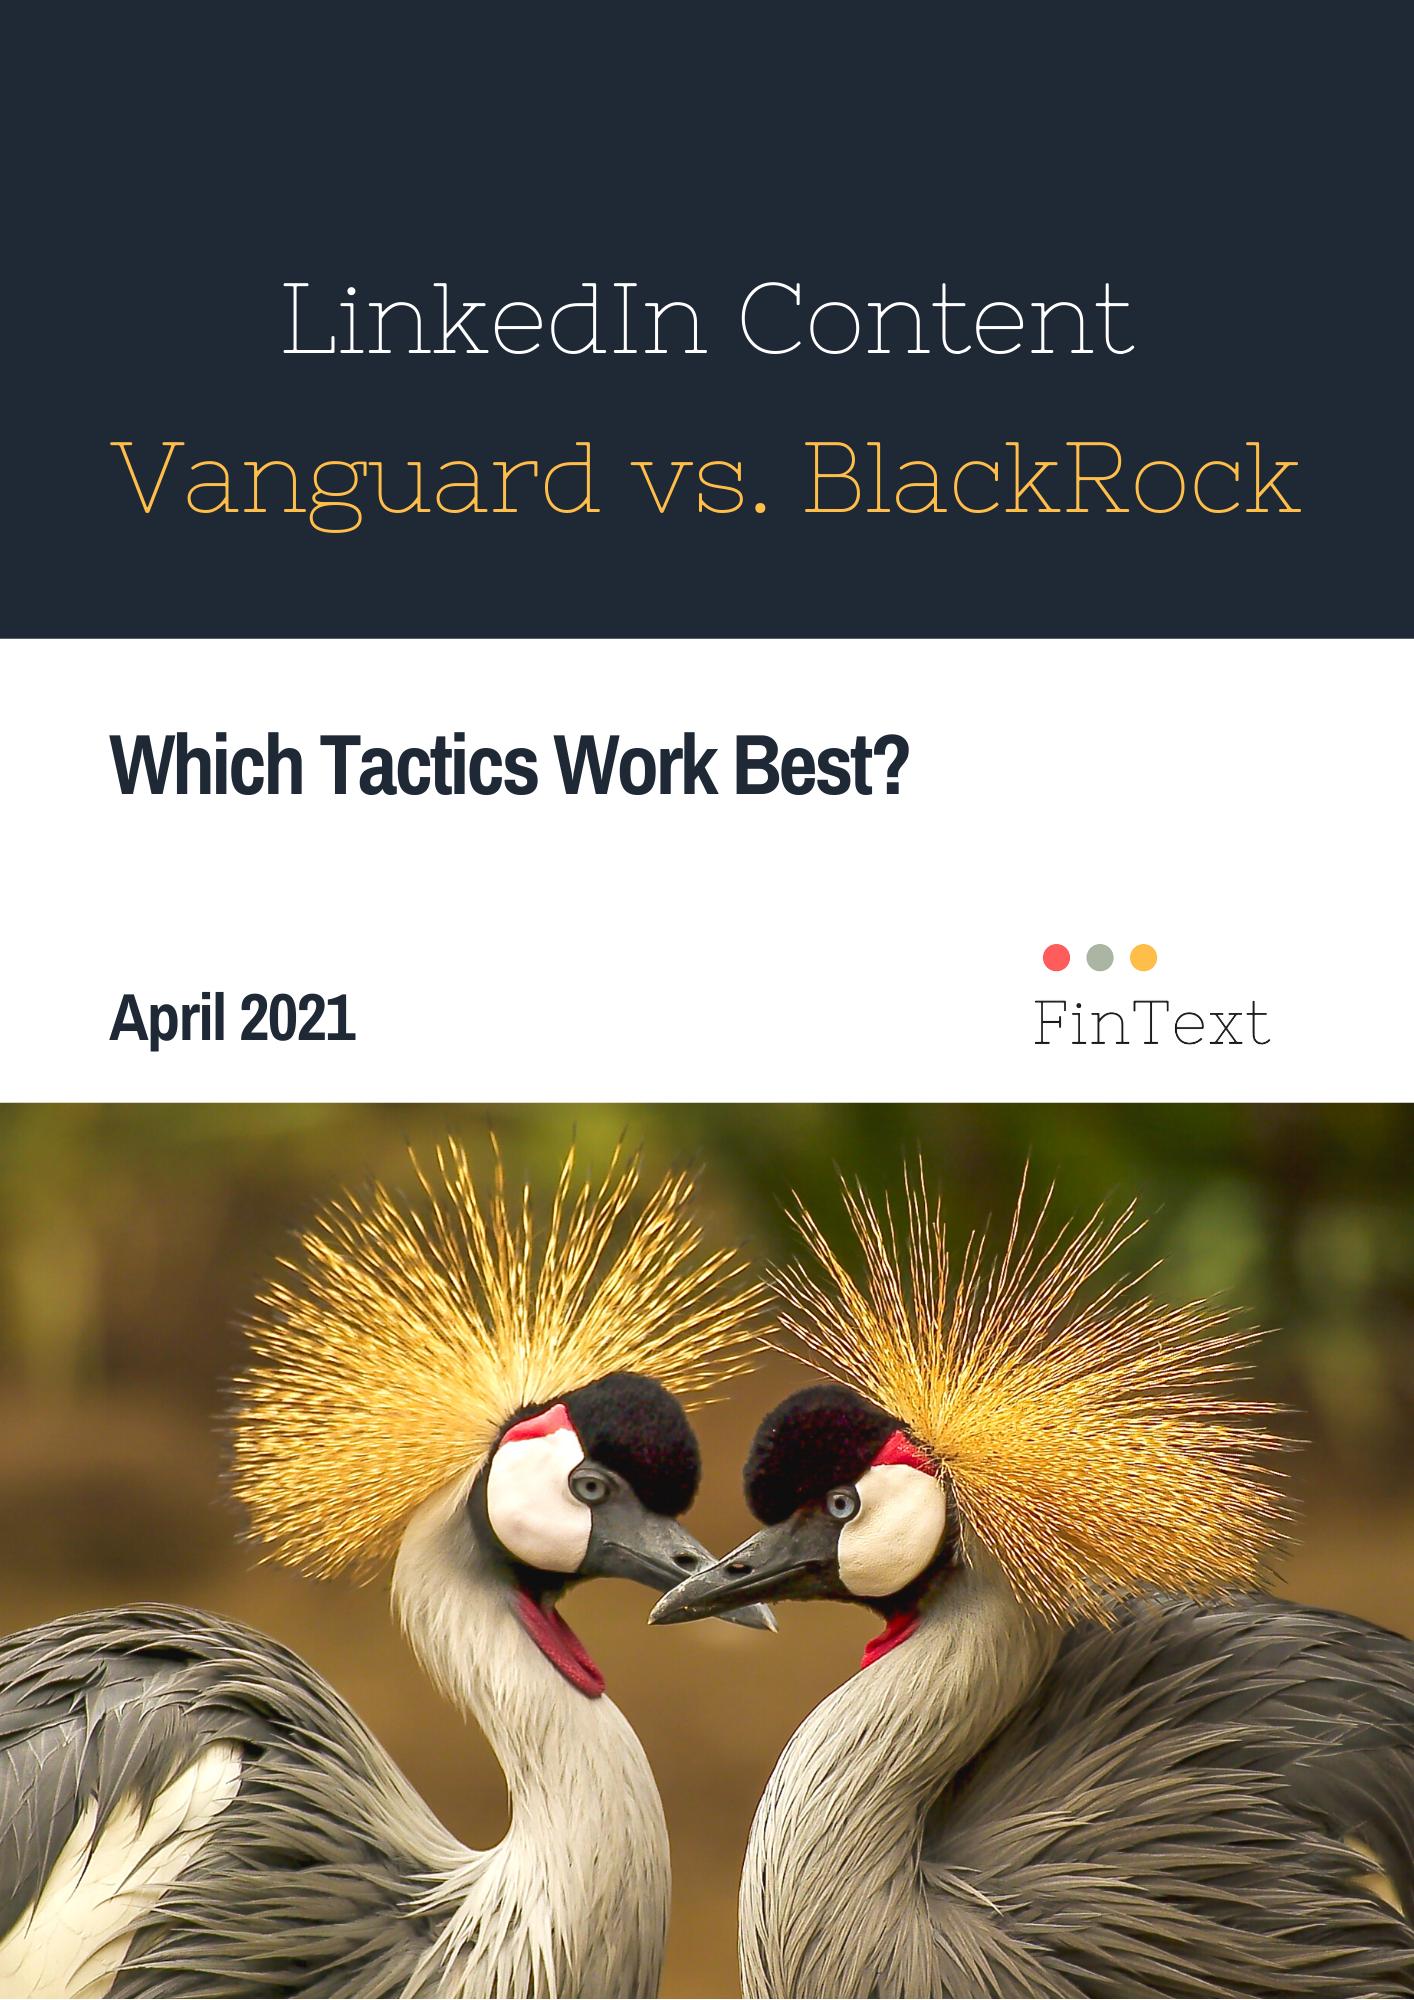 Comparing LinkedIn tactics for Vanguard and BlackRock